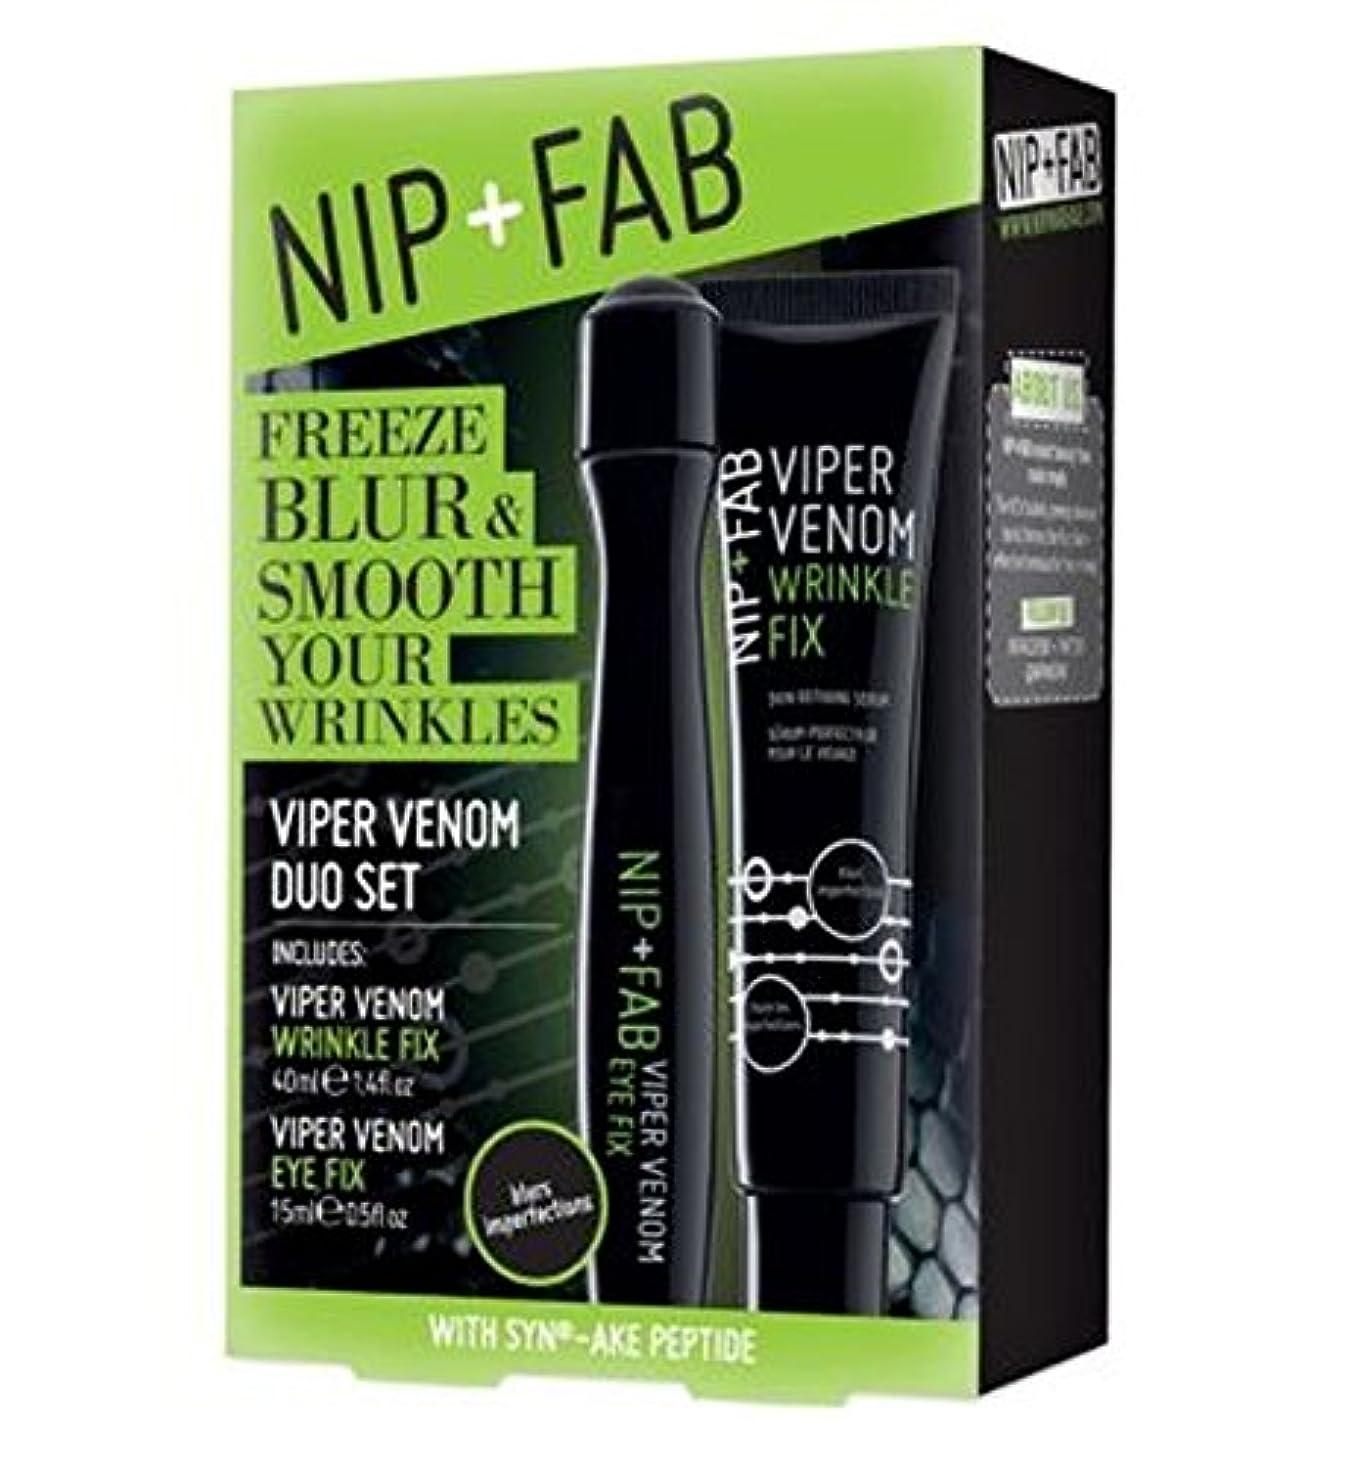 医薬理論的汗Nip + Fab Viper Venom Face and Eye Cream - +ファブ蛇毒面とアイクリームニップ (Nip & Fab) [並行輸入品]